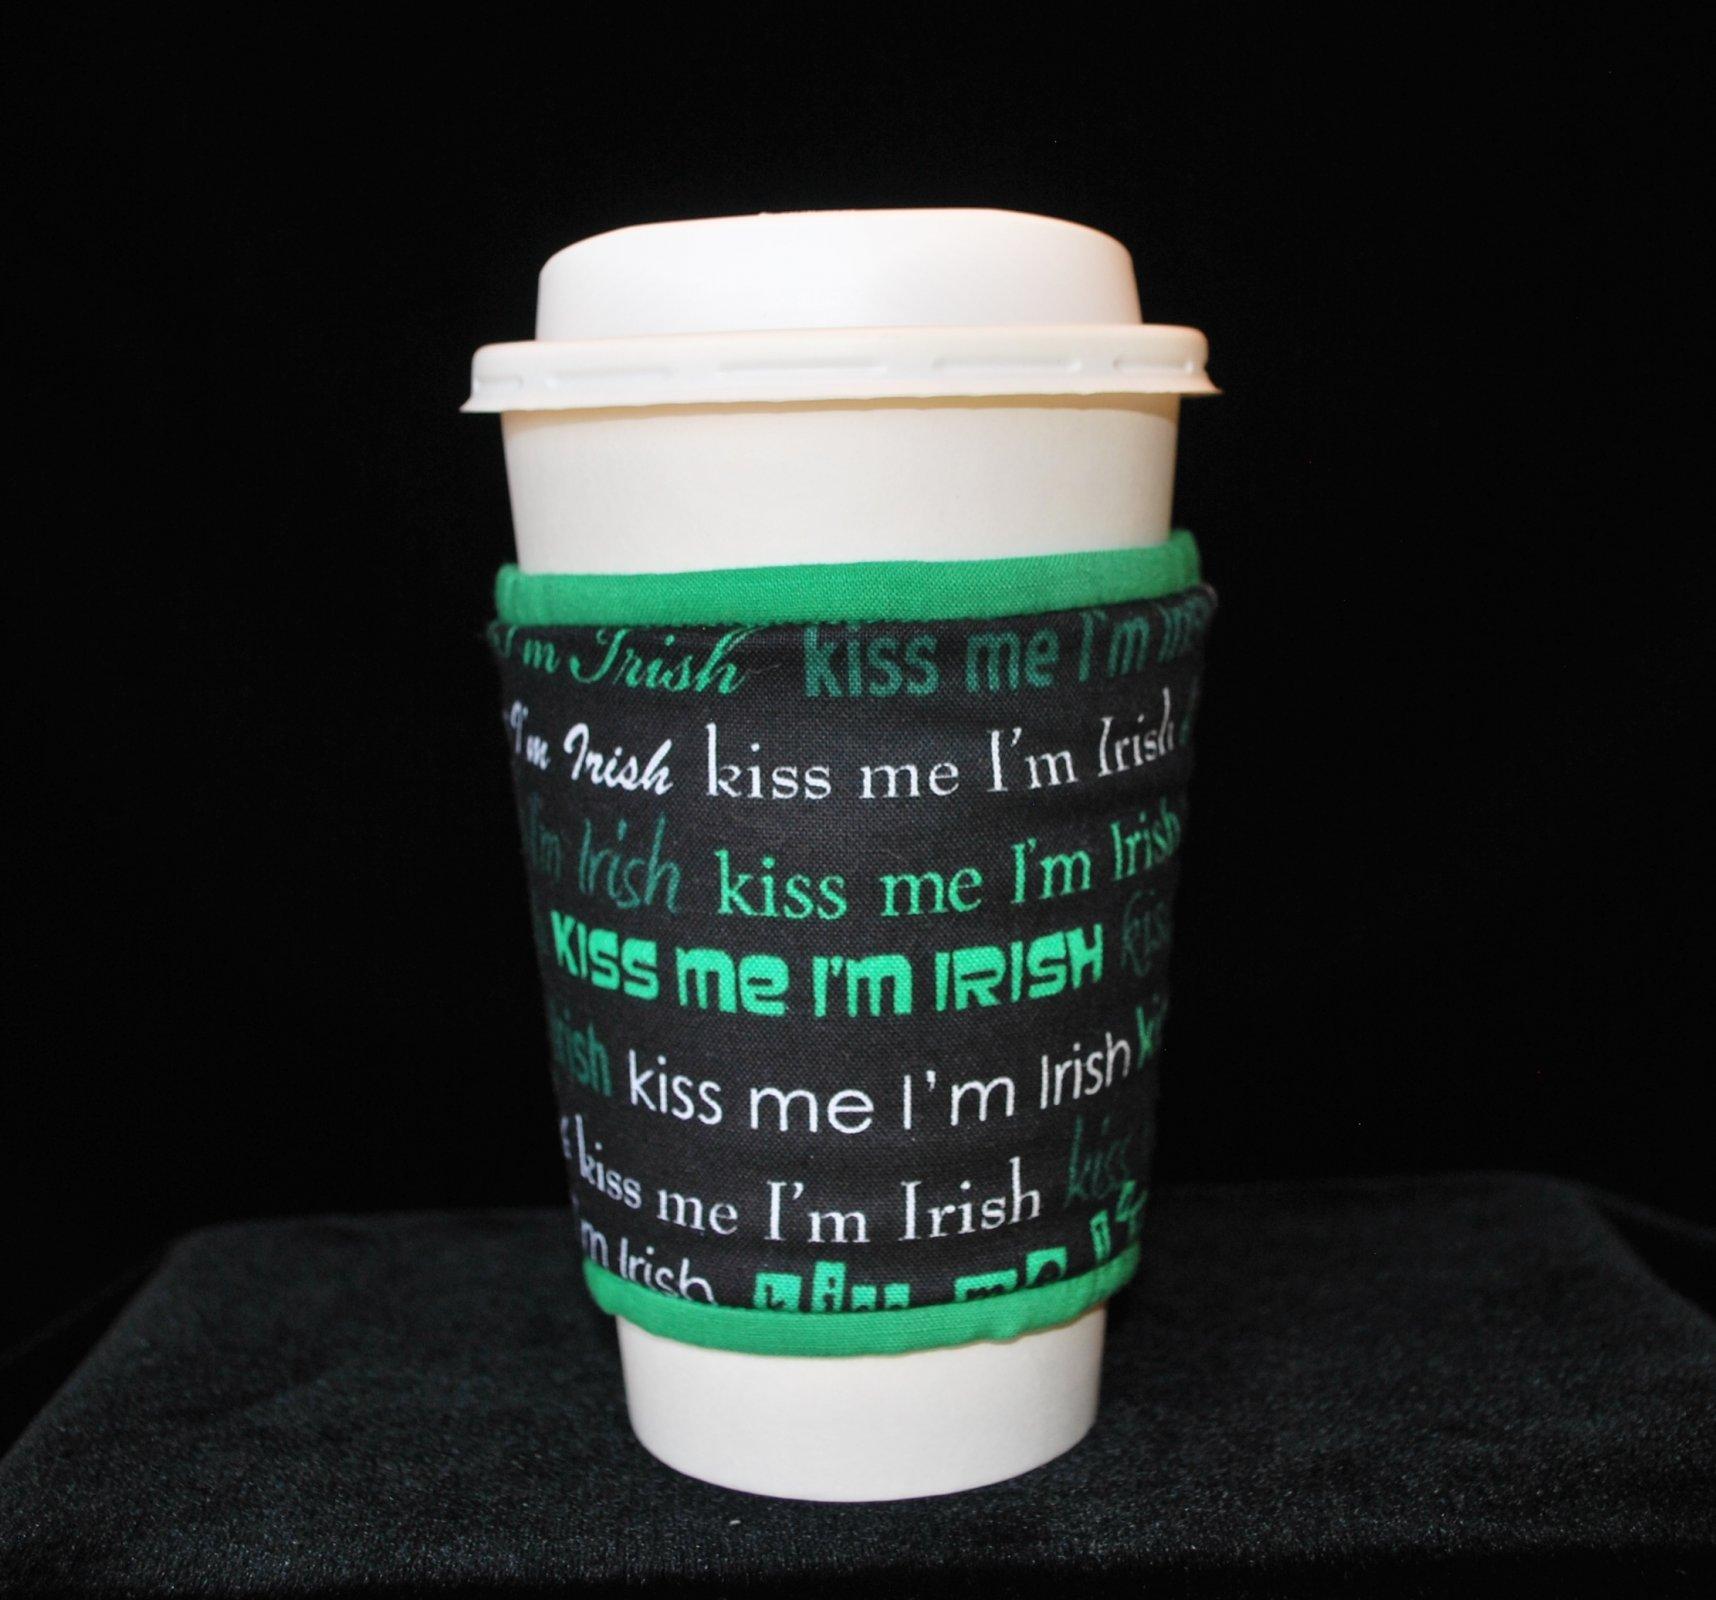 Kiss me I'm Irish!